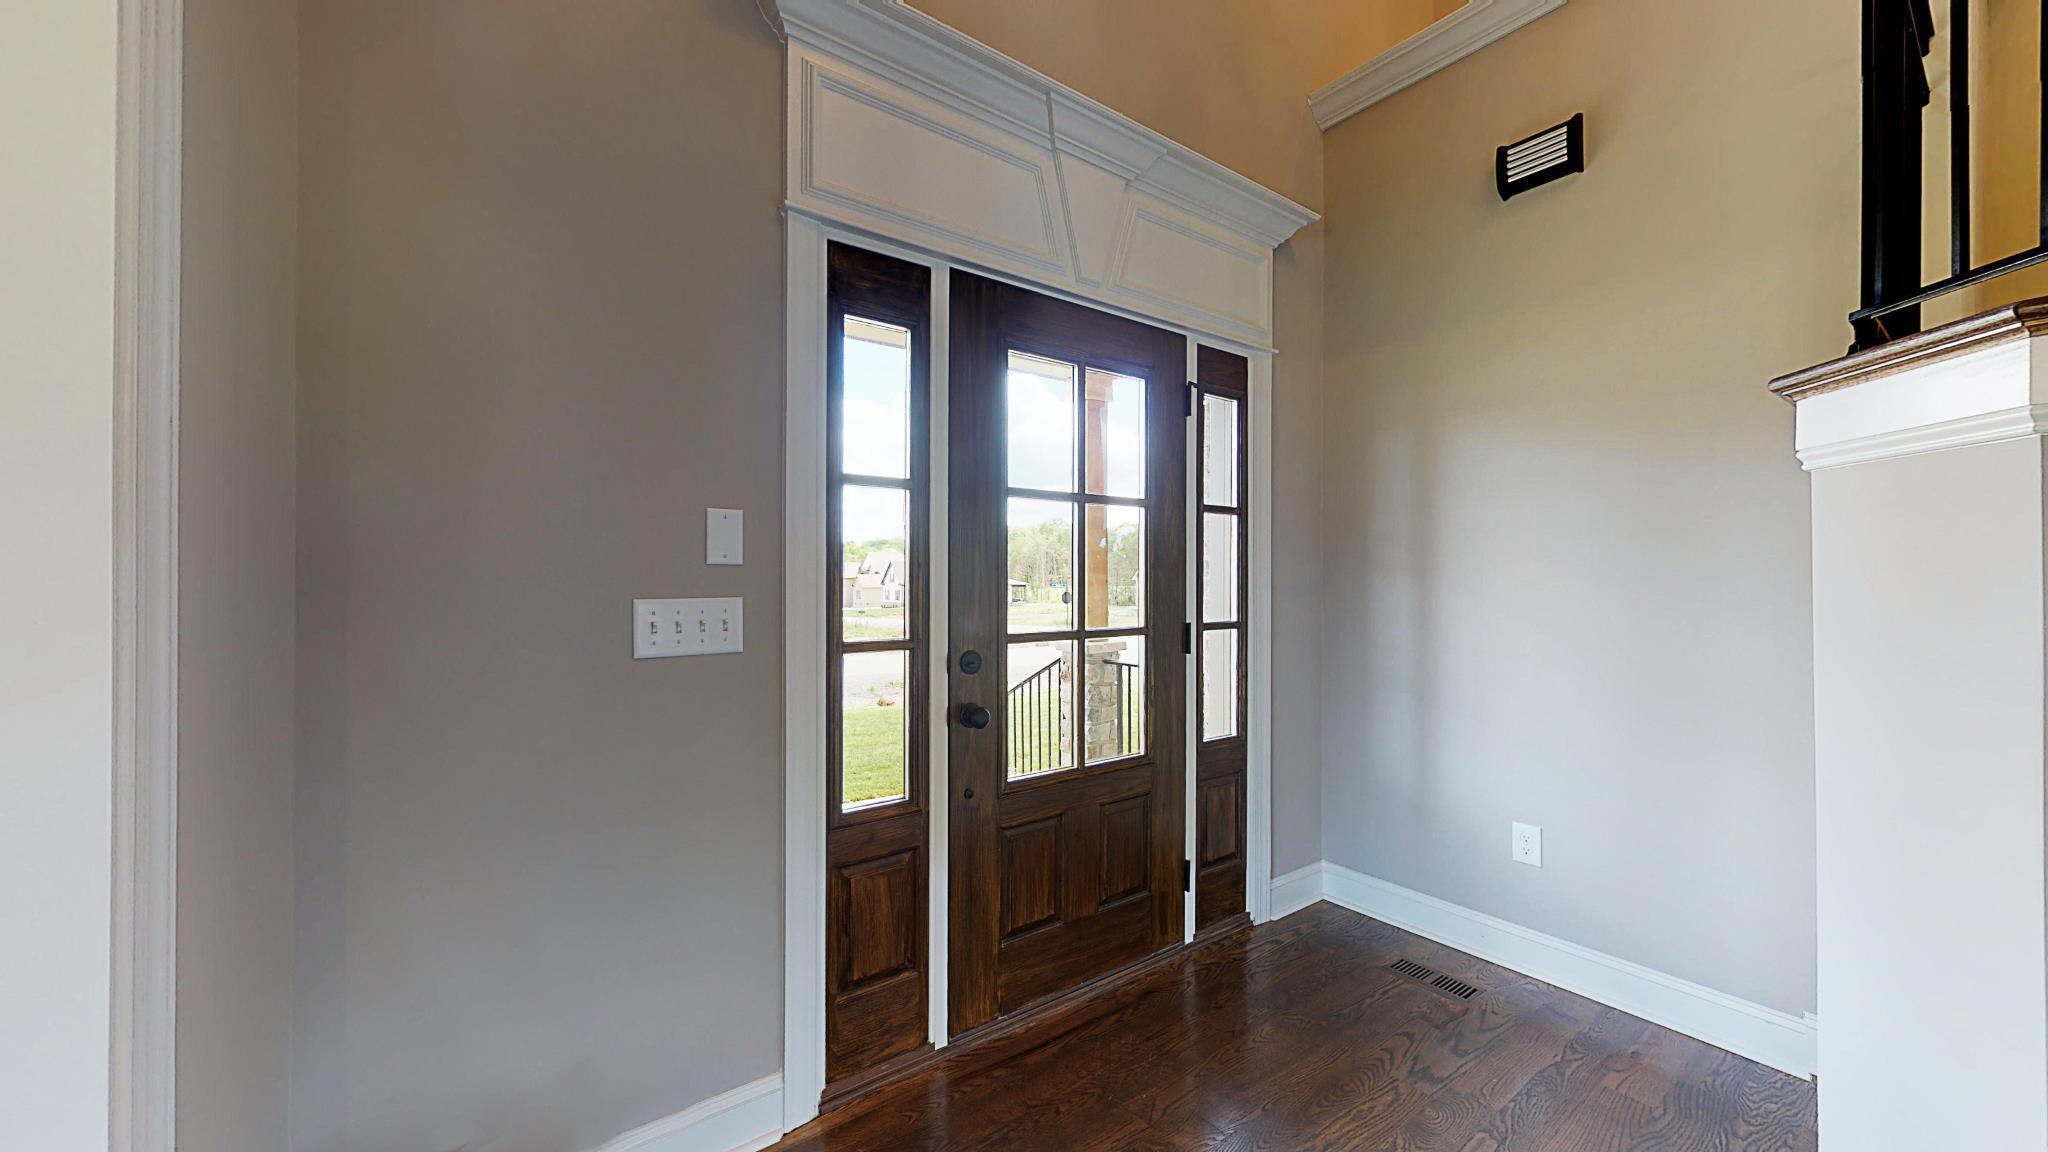 3303 Shellmans Dr Lot 50, Murfreesboro, TN 37129 - Murfreesboro, TN real estate listing